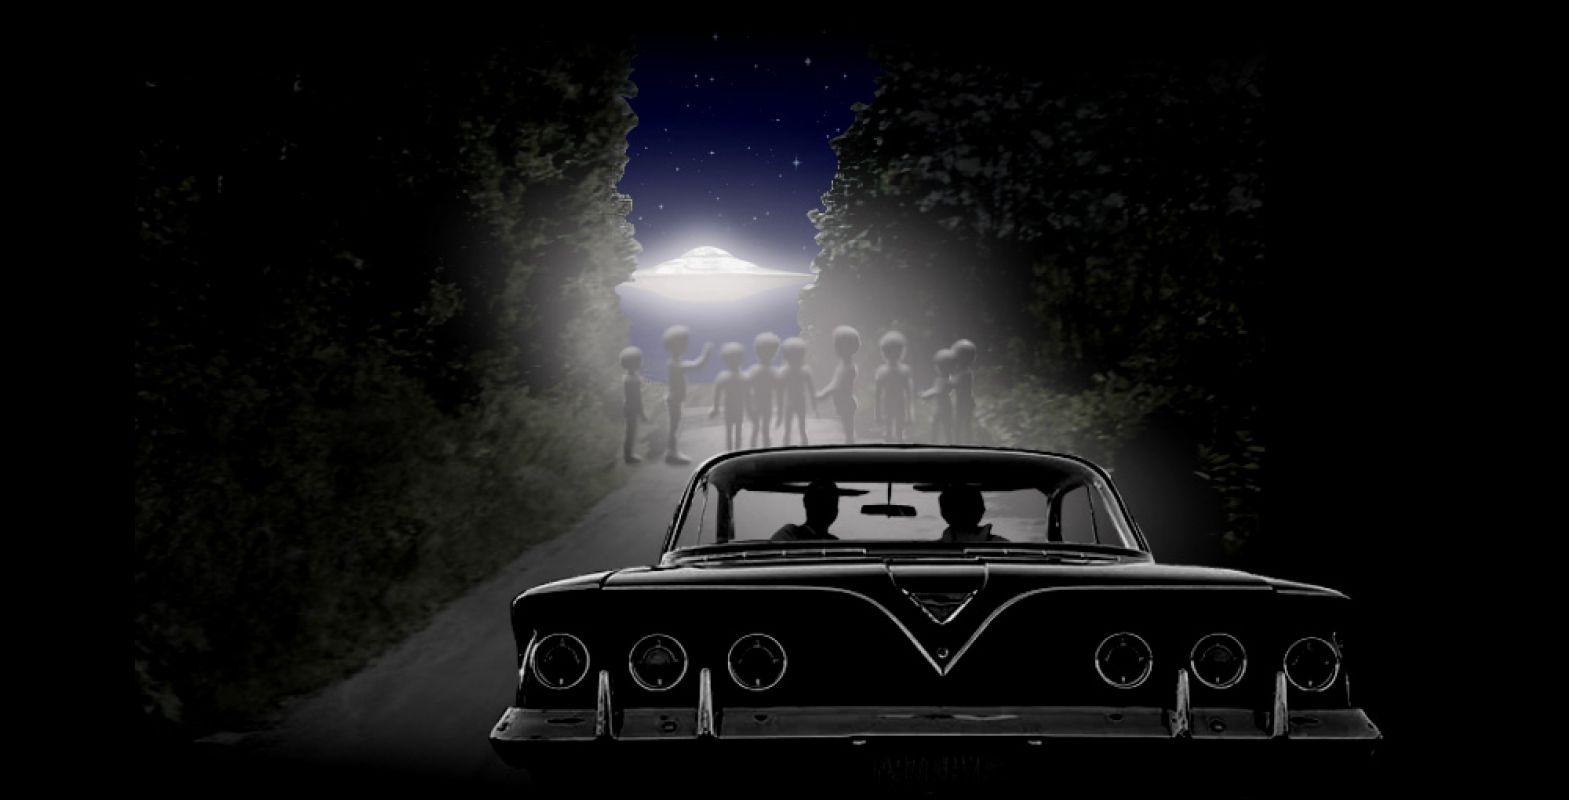 Люди, которых действительно похищали пришельцы - Бетти и Барни Хилл